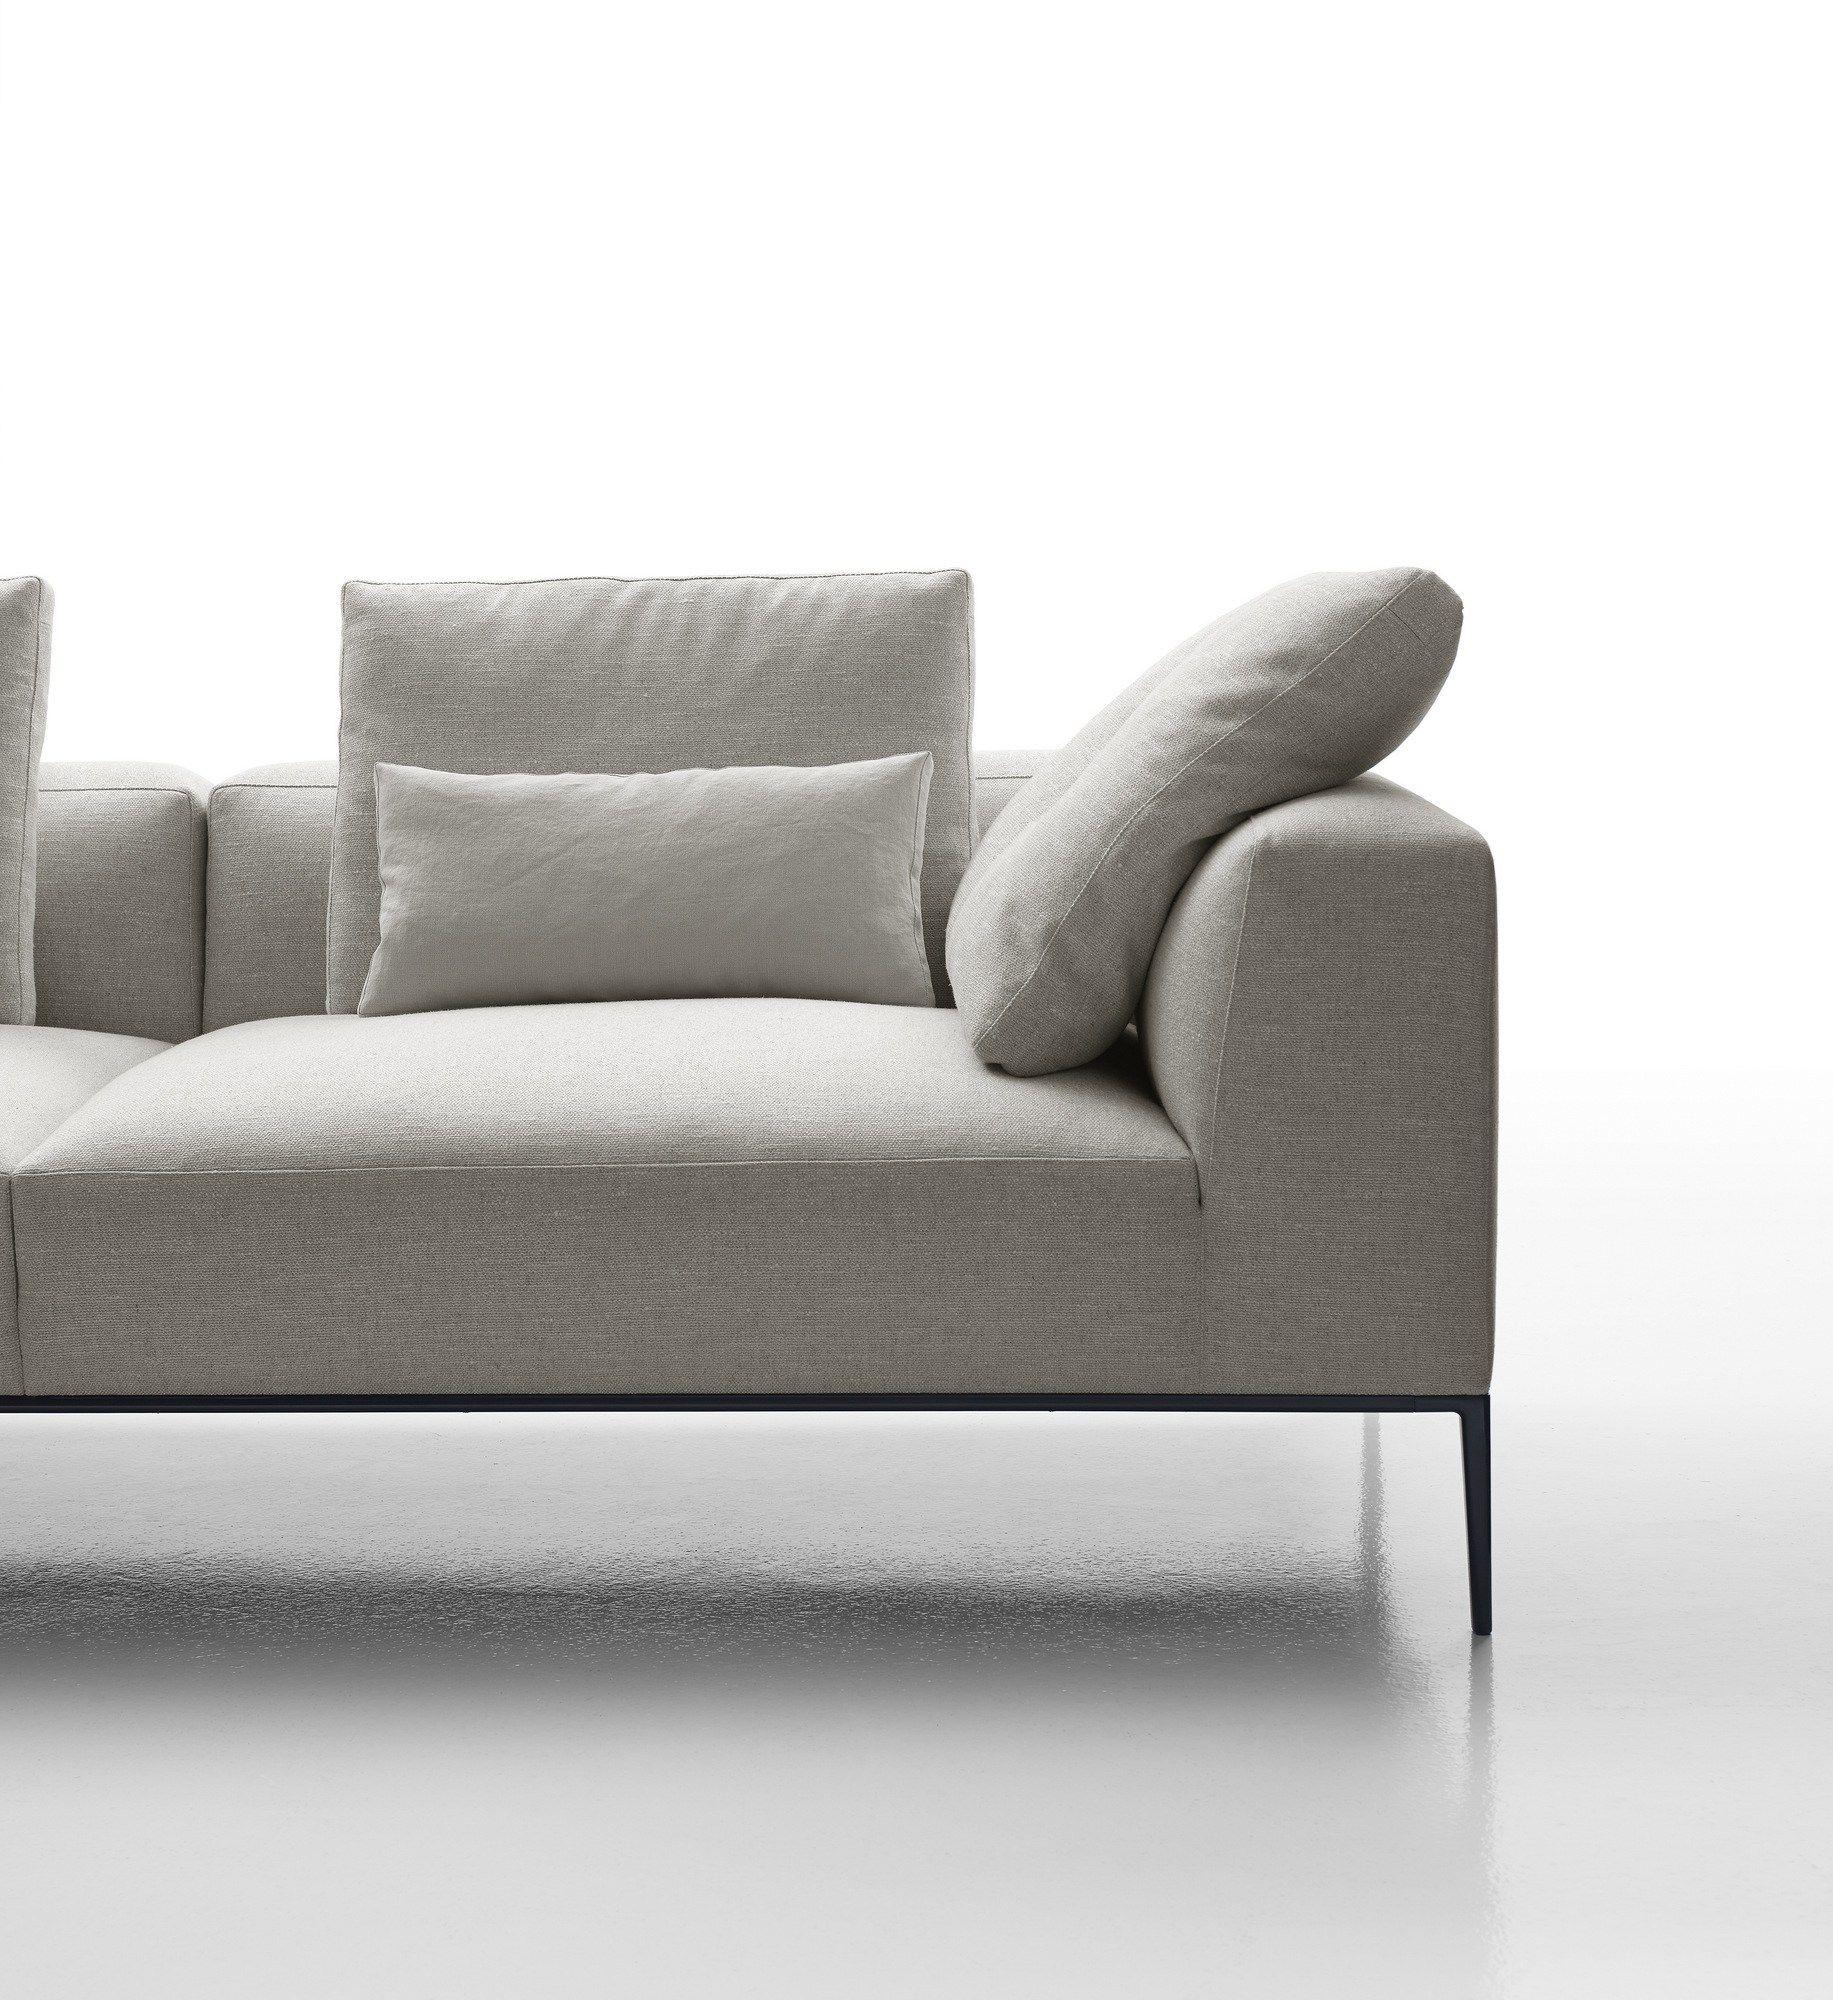 bb italia furniture prices. sectional fabric sofa michel effe by bu0026b italia design antonio citterio bb furniture prices